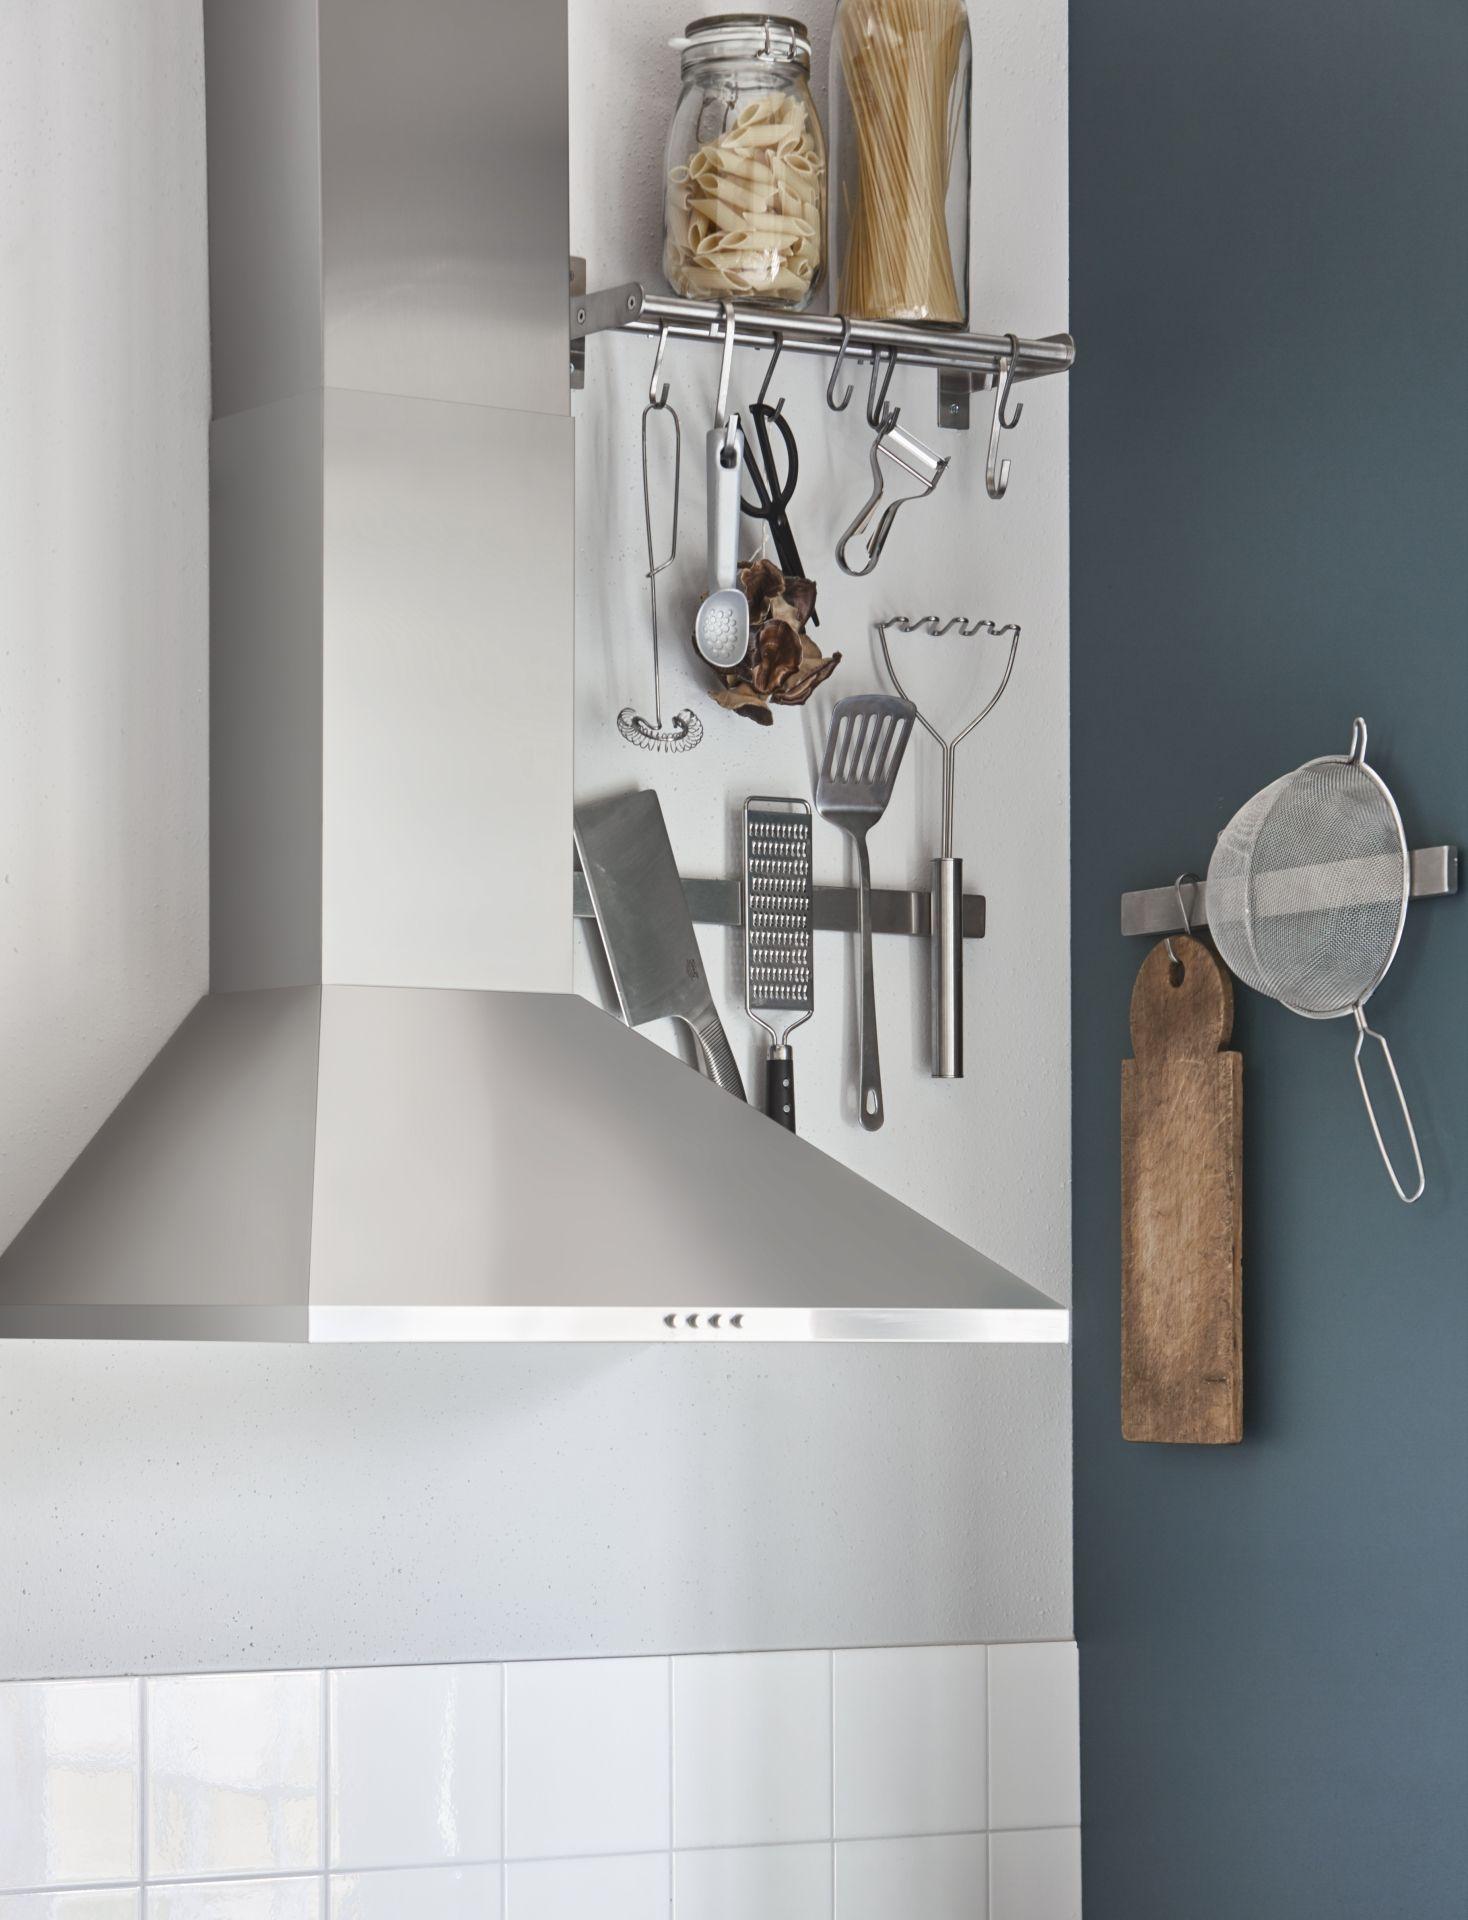 Full Size of Aufbewahrung Küchenutensilien Mbel Einrichtungsideen Fr Dein Zuhause Ikea Kleine Rume Aufbewahrungsbox Garten Küche Bett Mit Aufbewahrungsbehälter Betten Wohnzimmer Aufbewahrung Küchenutensilien